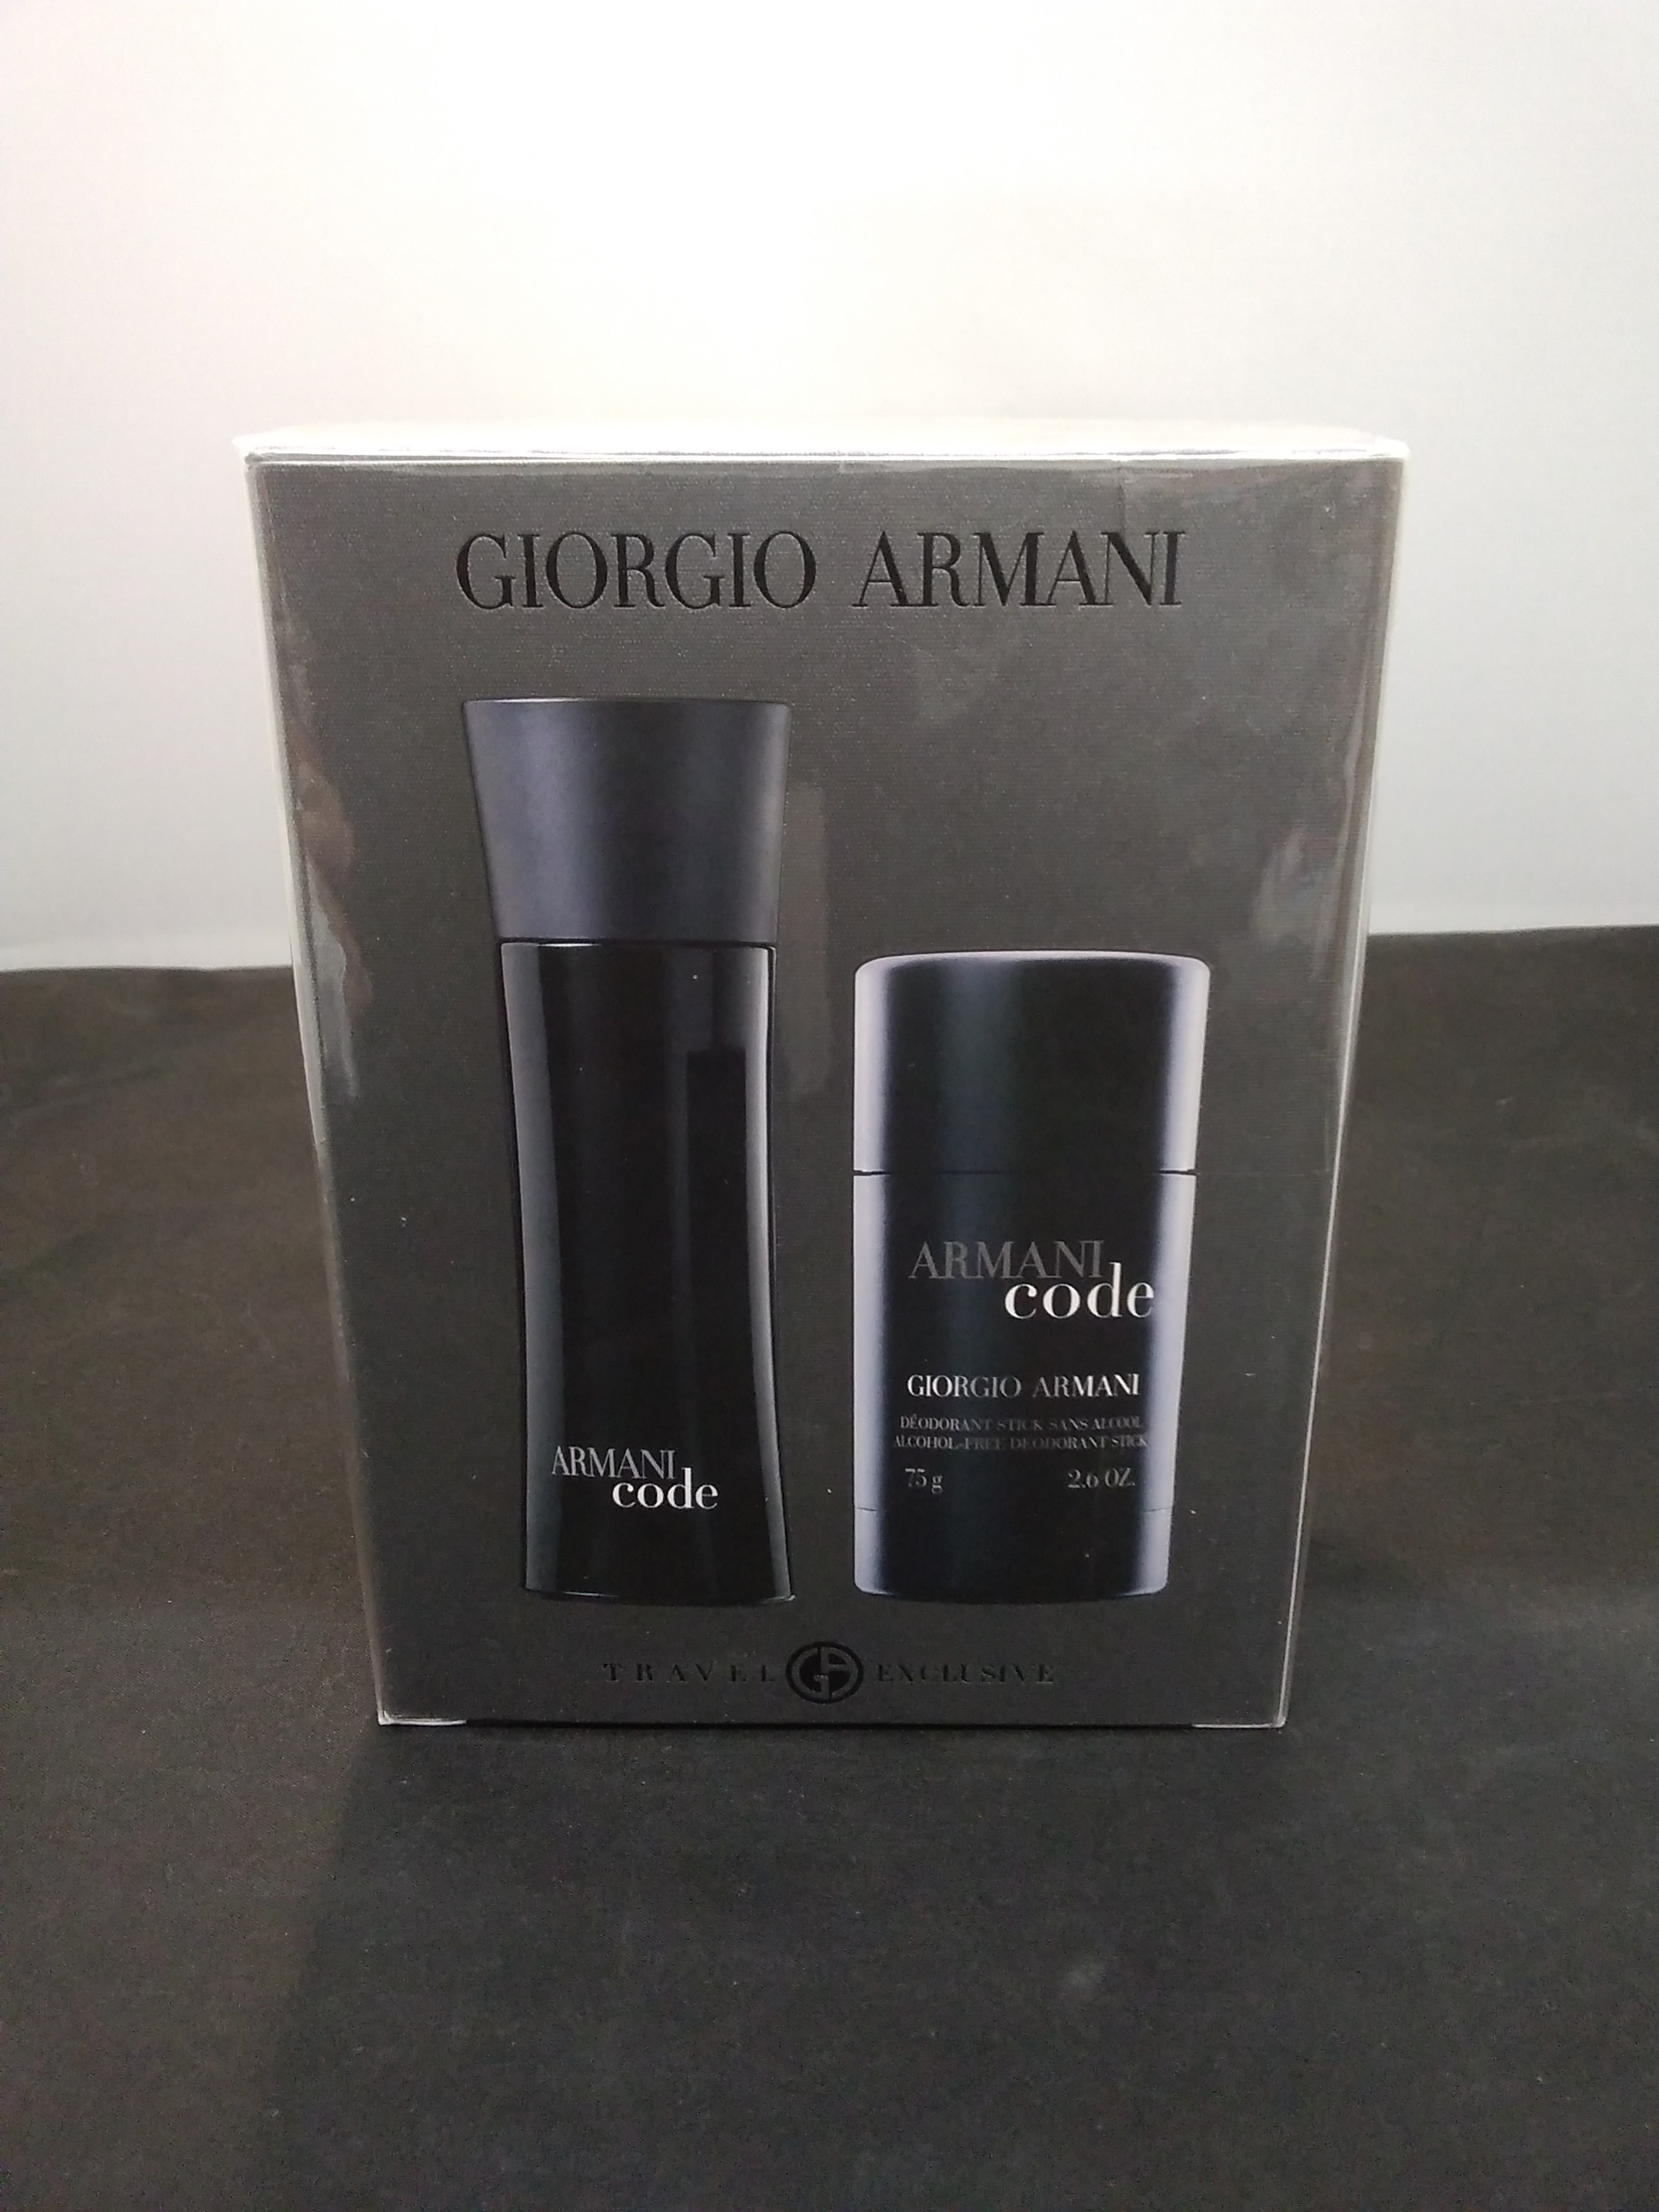 ナチュラルスプレー&デオドラントスティック|Giorgio Armani